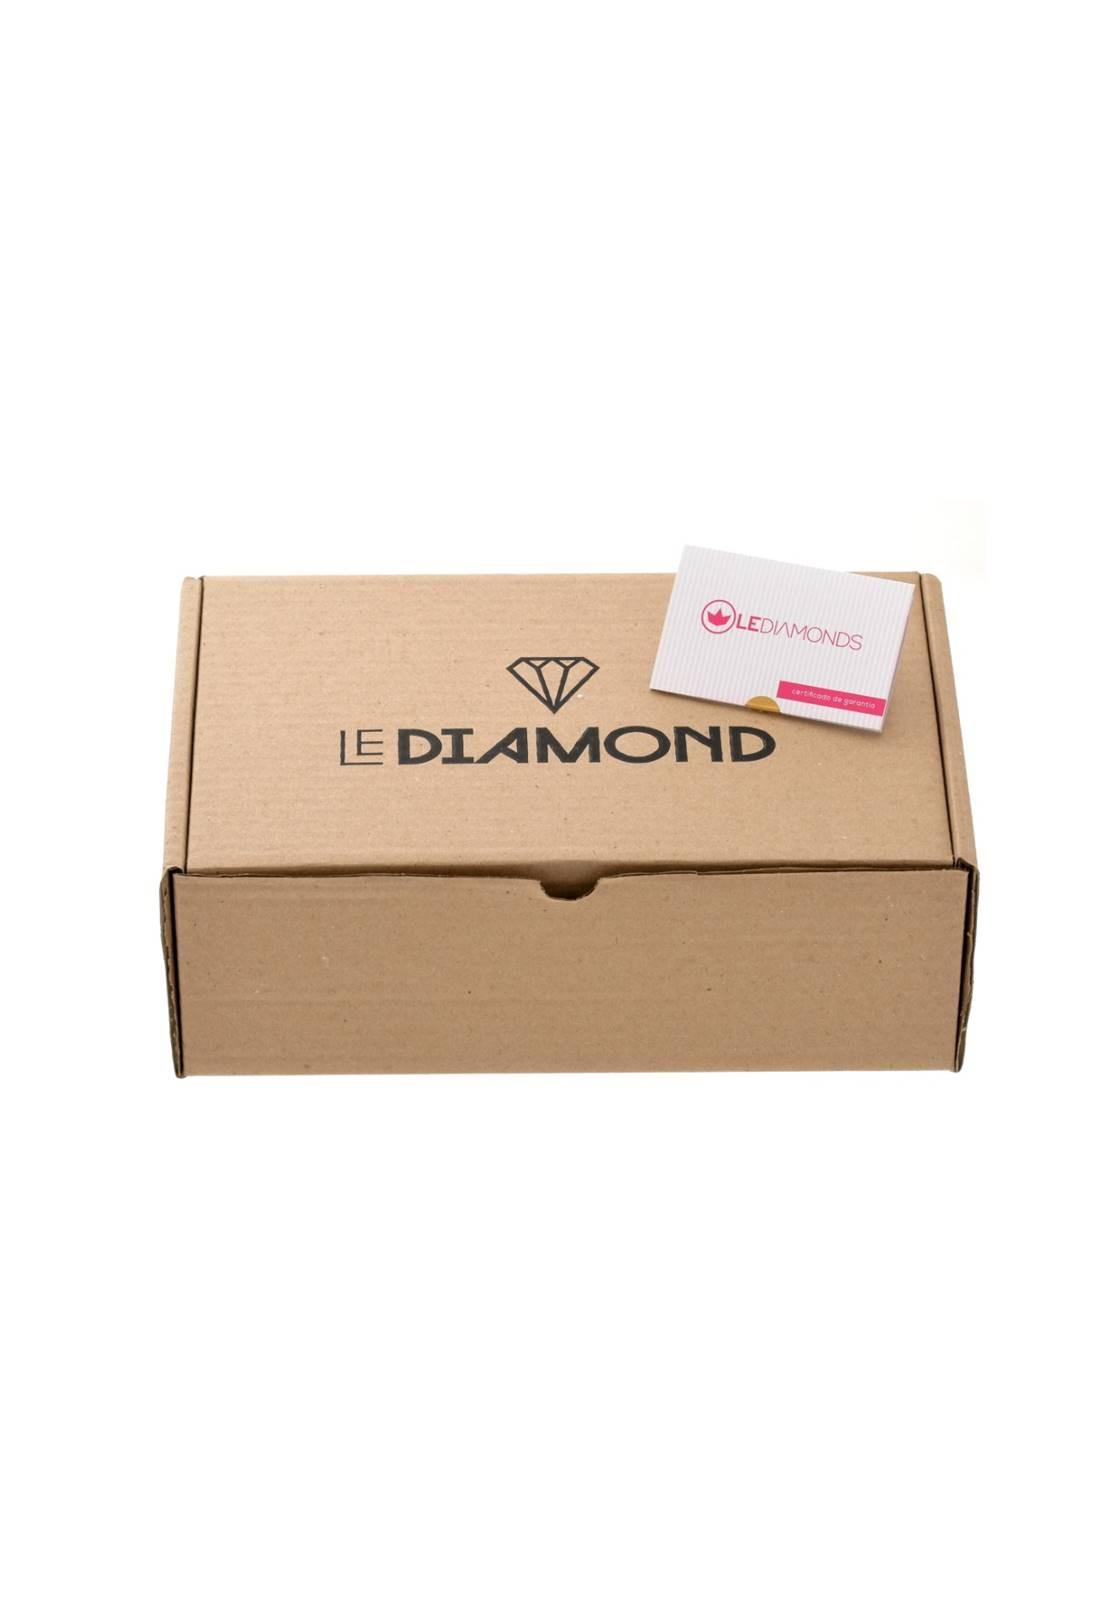 Brinco Le Diamond Flor Grande com Abelha Vermelho